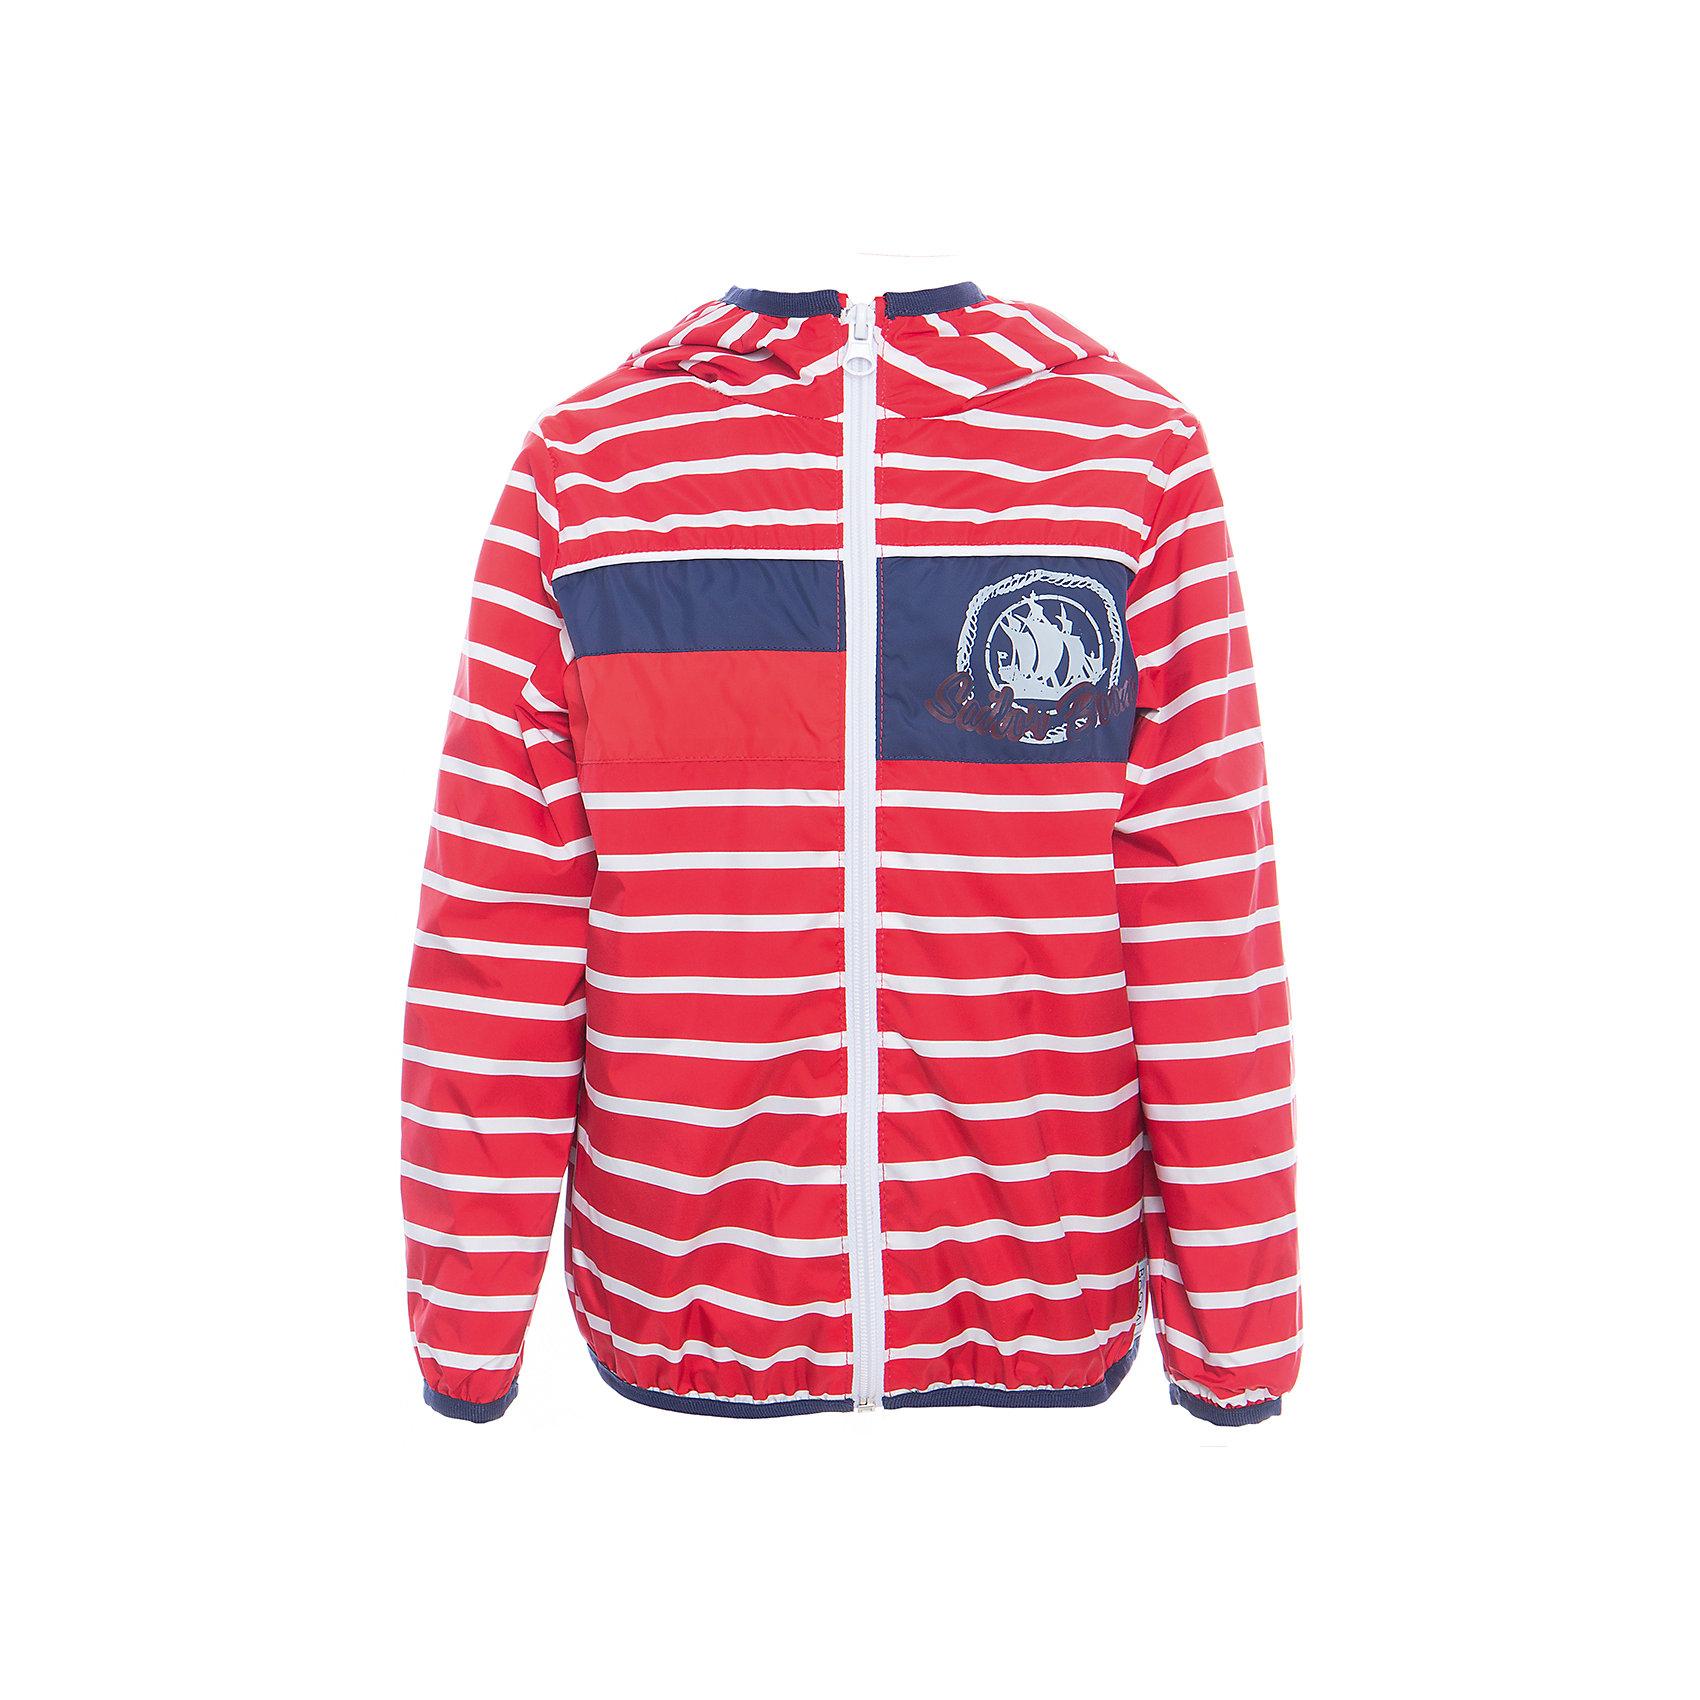 Куртка для мальчика BOOM by OrbyПолоска<br>Характеристики товара:<br><br>• цвет: красный<br>• состав: верх - таффета, подкладка - поликоттон, полиэстер, без утеплителя<br>• температурный режим: от +5° до +15°С<br>• пропитка от промокания<br>• застежка - молния<br>• капюшон <br>• украшена принтом<br>• легкая<br>• комфортная посадка<br>• страна производства: Российская Федерация<br>• страна бренда: Российская Федерация<br>• коллекция: весна-лето 2017<br><br>Легкая куртка - универсальный вариант и для прохладного летнего вечера, и для теплого межсезонья. Эта модель - модная и удобная одновременно! Изделие отличается стильным ярким дизайном. Куртка хорошо сидит по фигуре, отлично сочетается с различным низом. Вещь была разработана специально для детей.<br><br>Одежда от российского бренда BOOM by Orby уже завоевала популярностью у многих детей и их родителей. Вещи, выпускаемые компанией, качественные, продуманные и очень удобные. Для производства коллекций используются только безопасные для детей материалы. Спешите приобрести модели из новой коллекции Весна-лето 2017! <br><br>Куртку для мальчика от бренда BOOM by Orby можно купить в нашем интернет-магазине.<br><br>Ширина мм: 356<br>Глубина мм: 10<br>Высота мм: 245<br>Вес г: 519<br>Цвет: красный<br>Возраст от месяцев: 72<br>Возраст до месяцев: 84<br>Пол: Мужской<br>Возраст: Детский<br>Размер: 146,104,158,86,92,98,110,116,152,122,128,134,140<br>SKU: 5343918